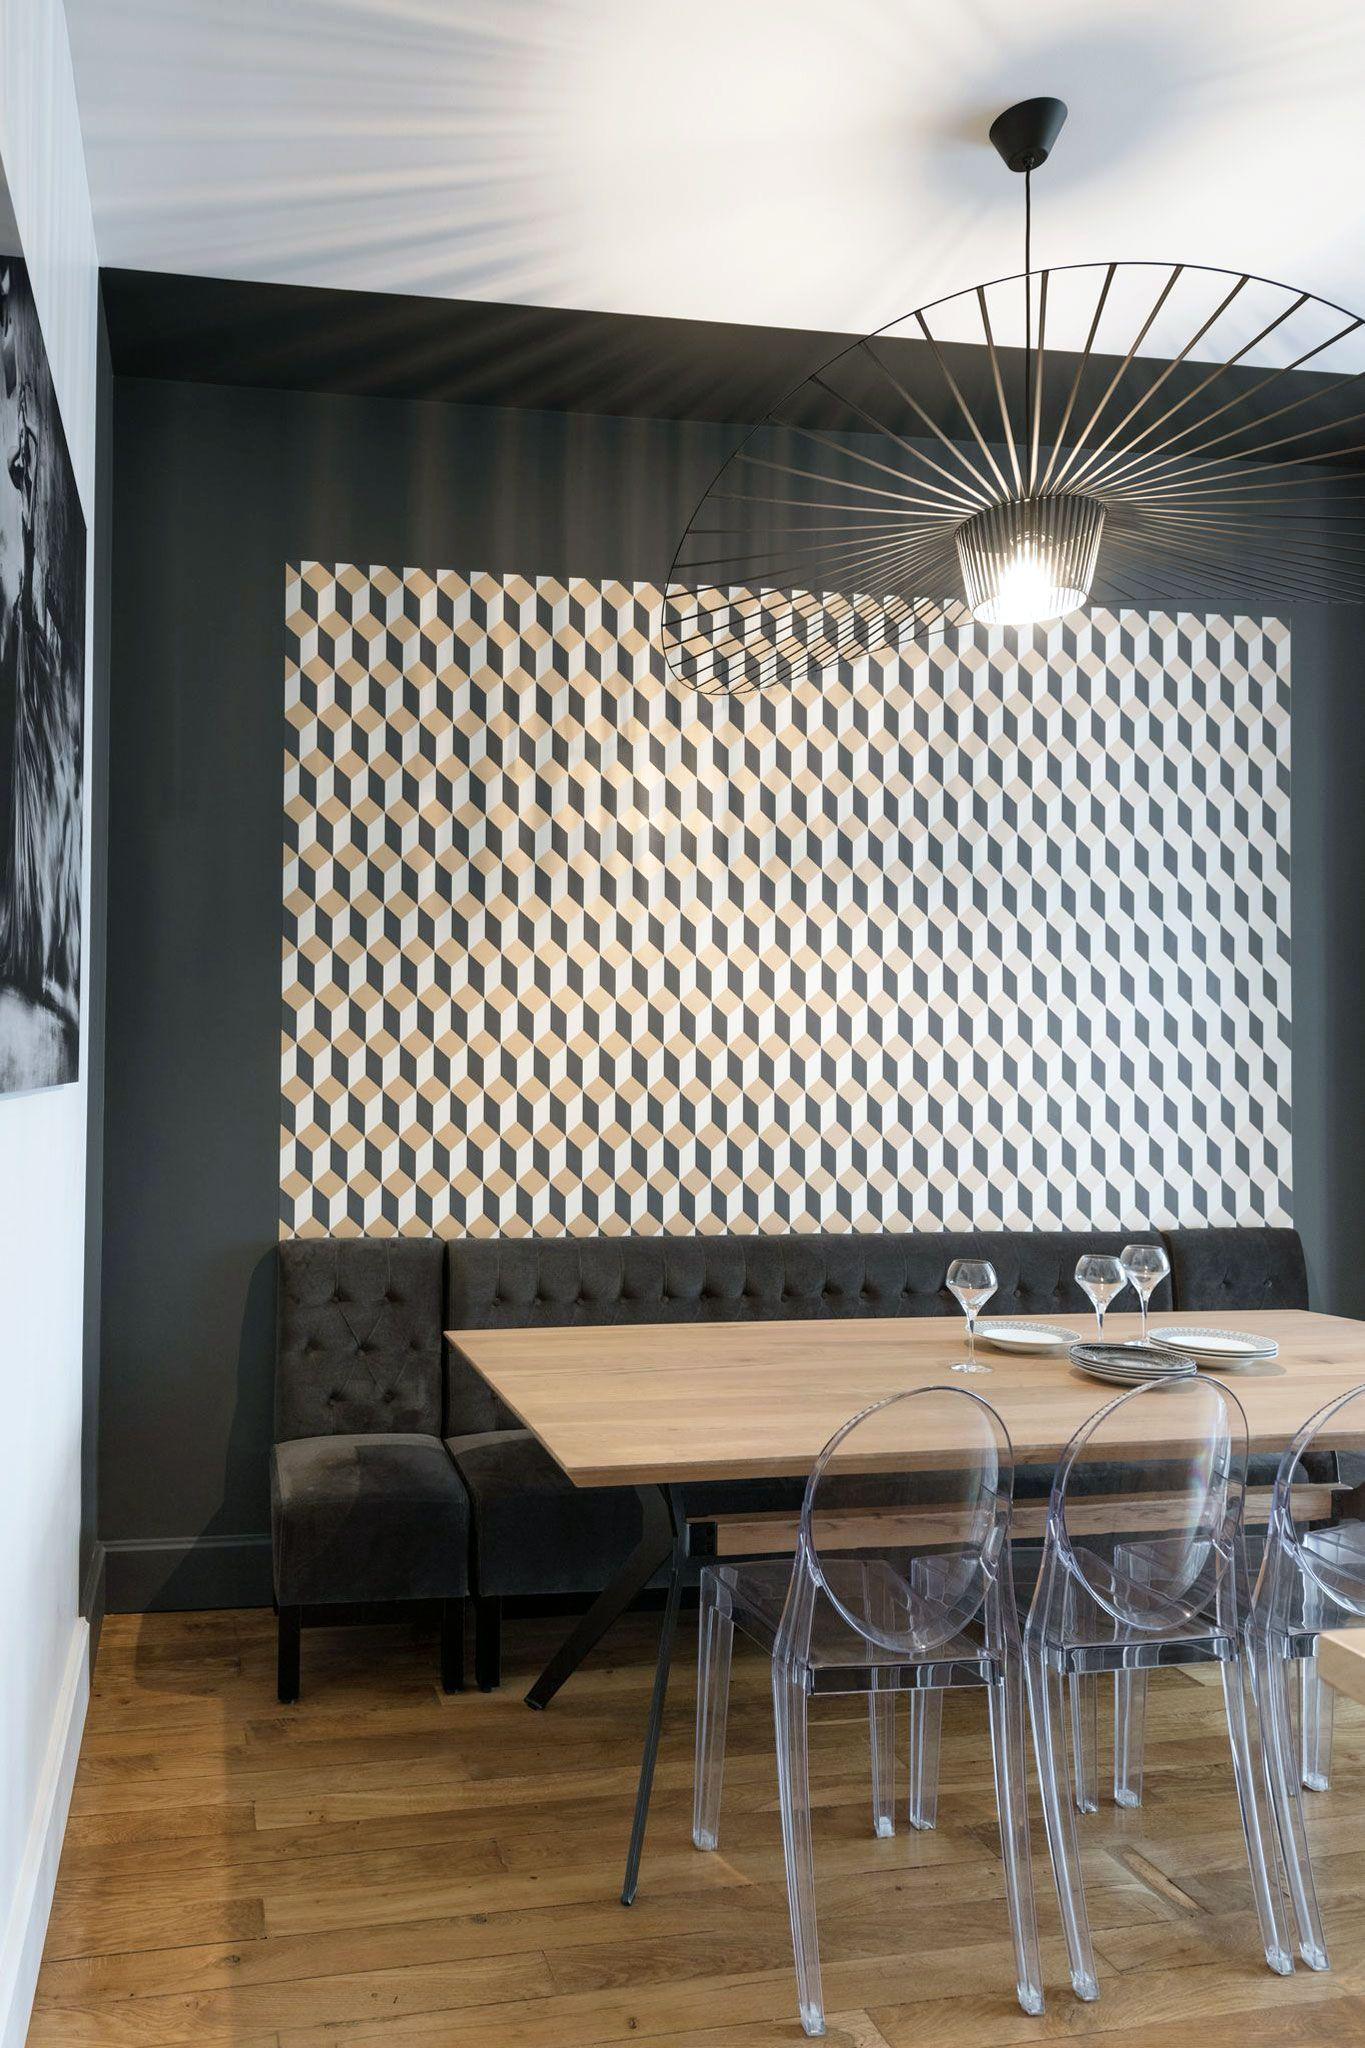 Idee Tapisserie Salle A Manger papier peint à cubes jaunes, noirs, blancs - delano en 2020